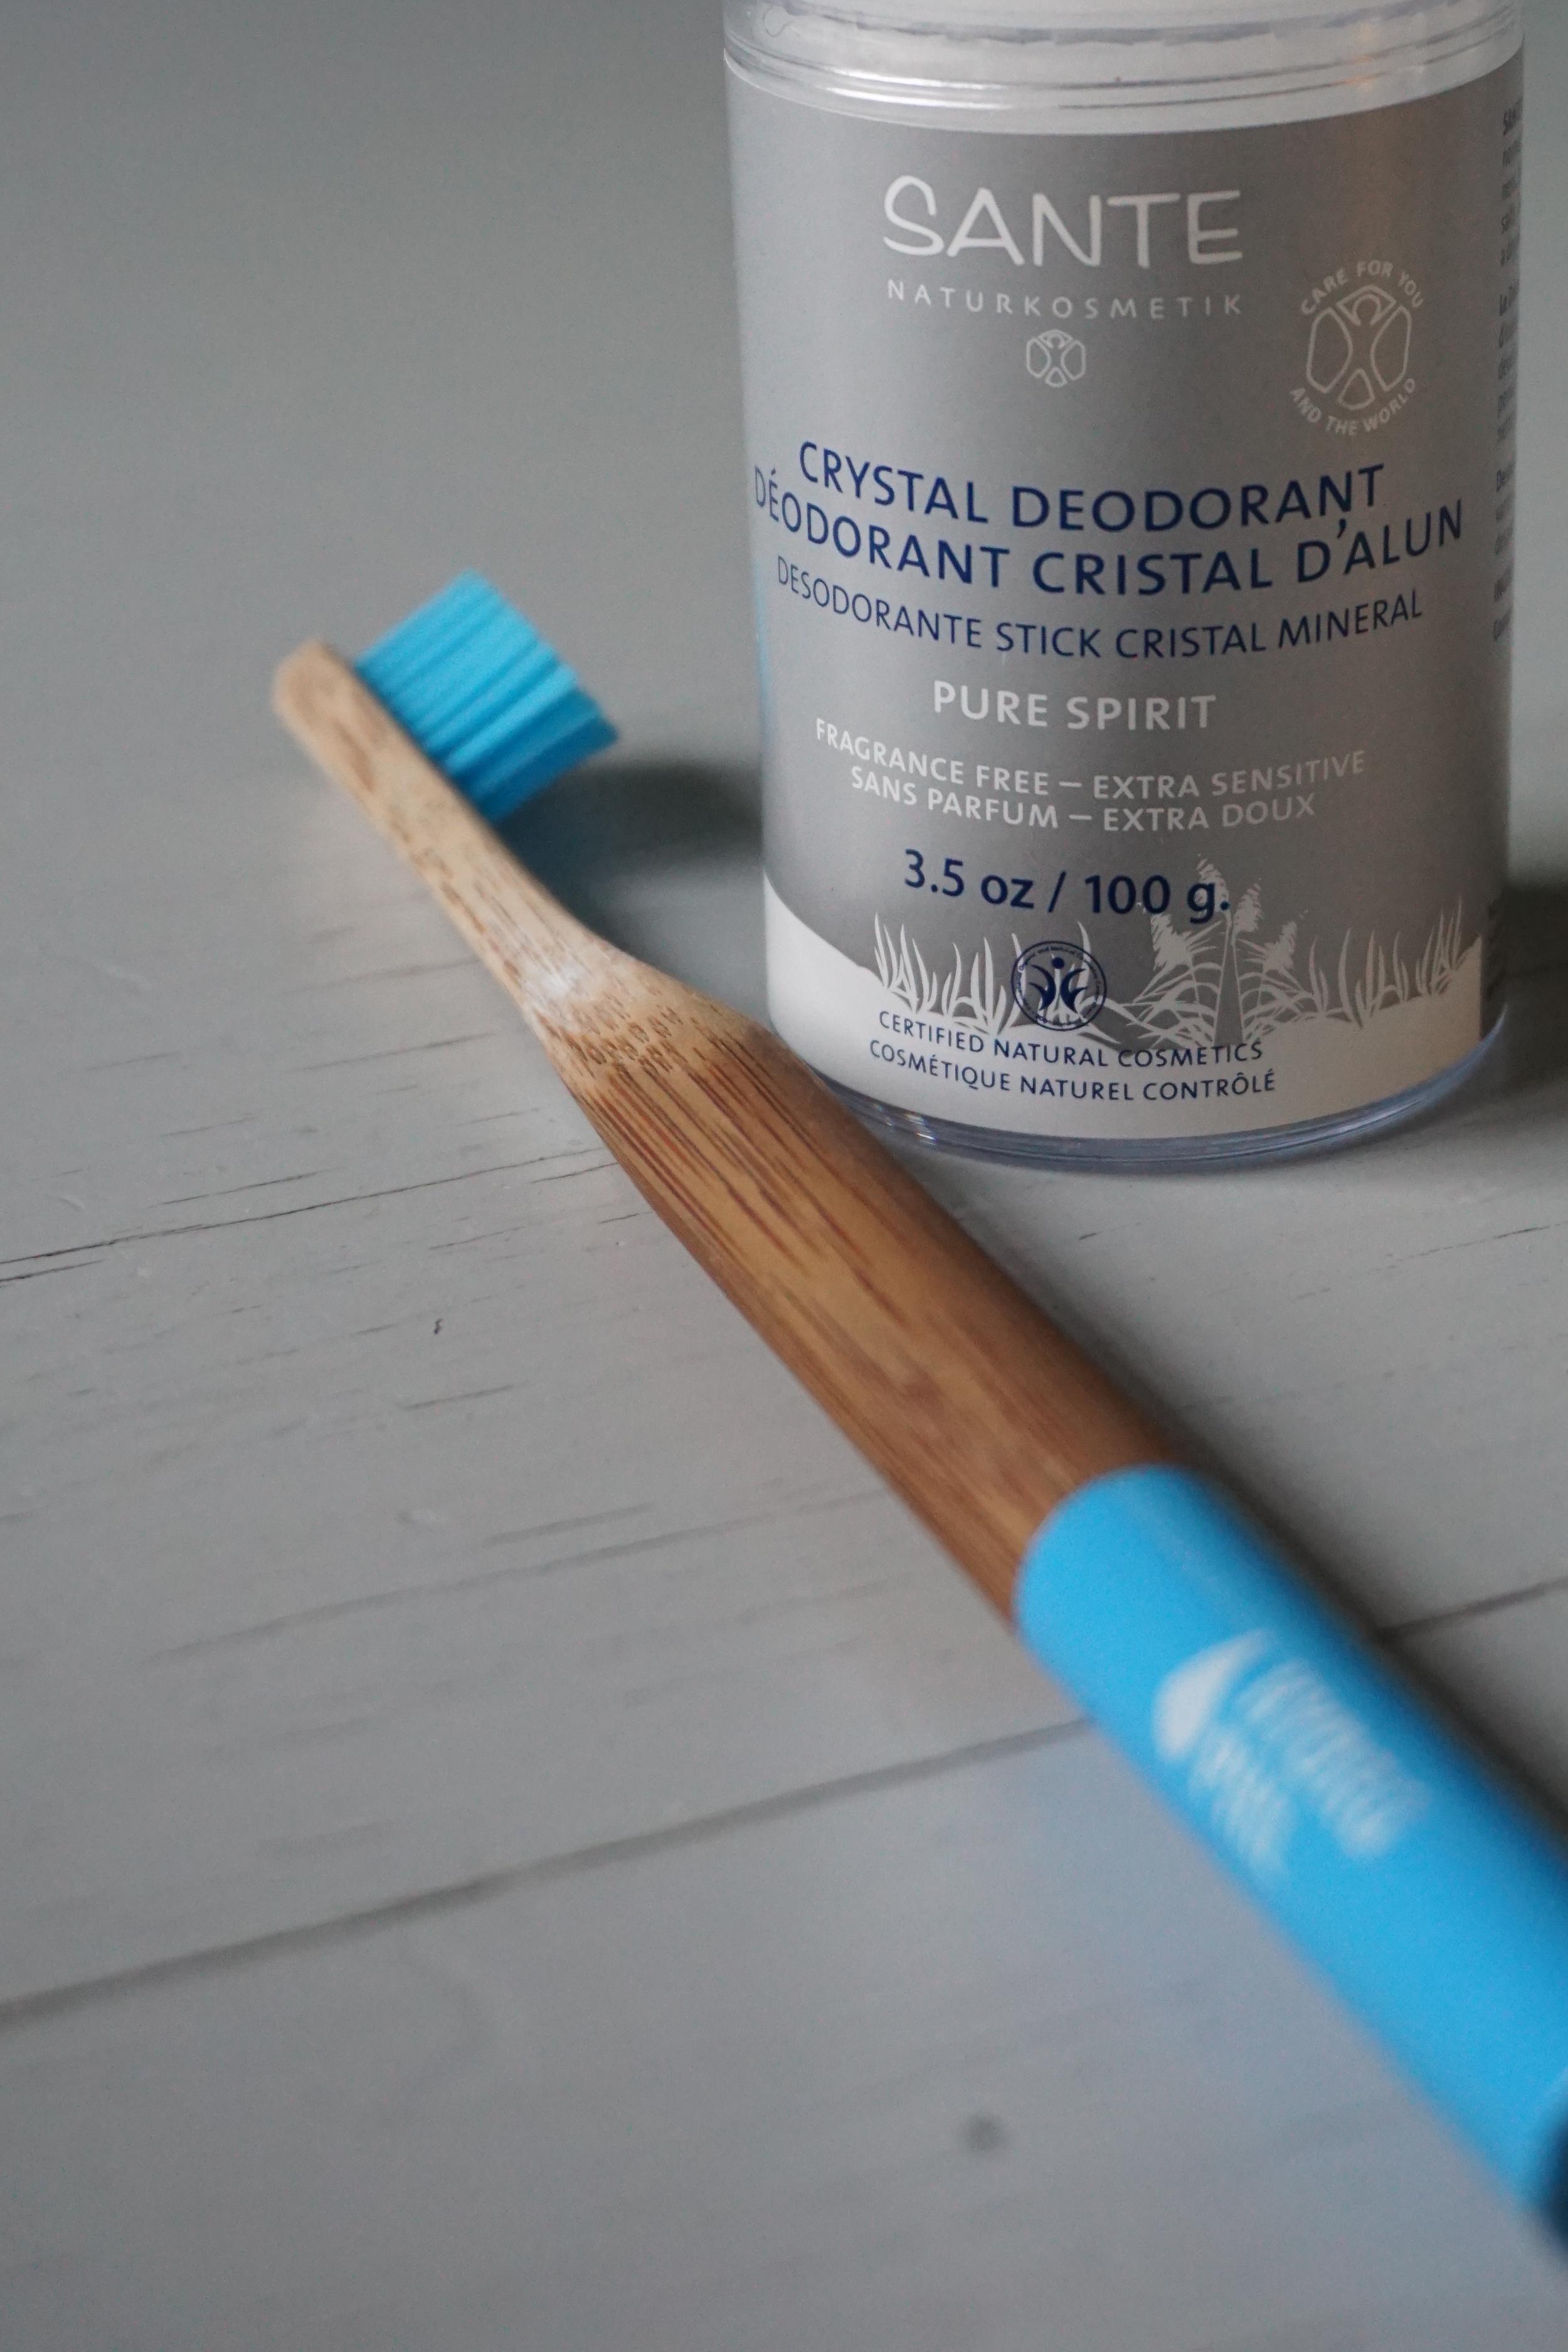 Tannbørste av bambus og deo av saltkrystall.